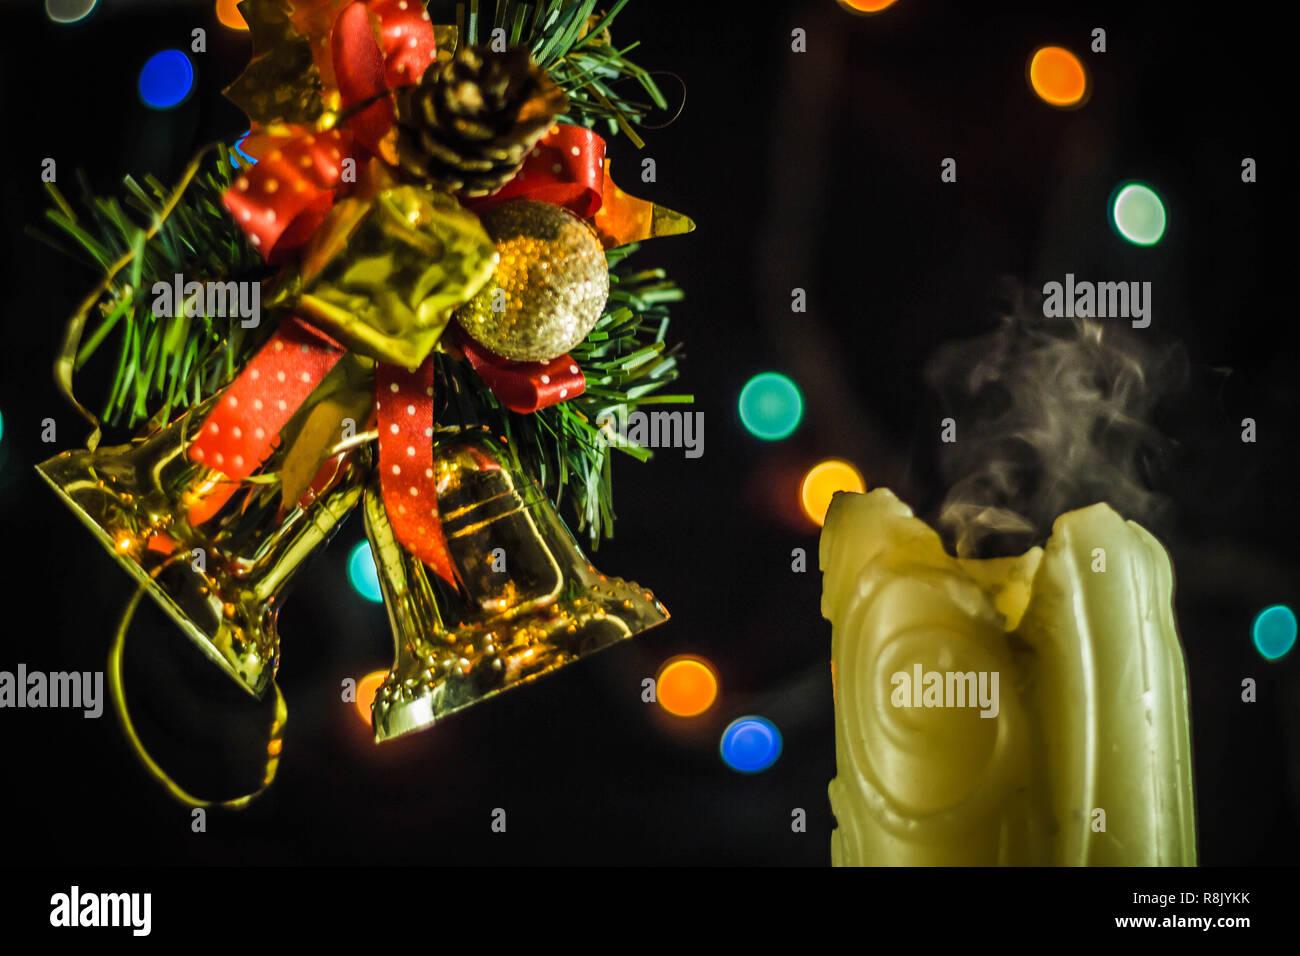 Velas de Navidad. El humo de las velas de Incendio extinguido en el fondo de 71a4899573a